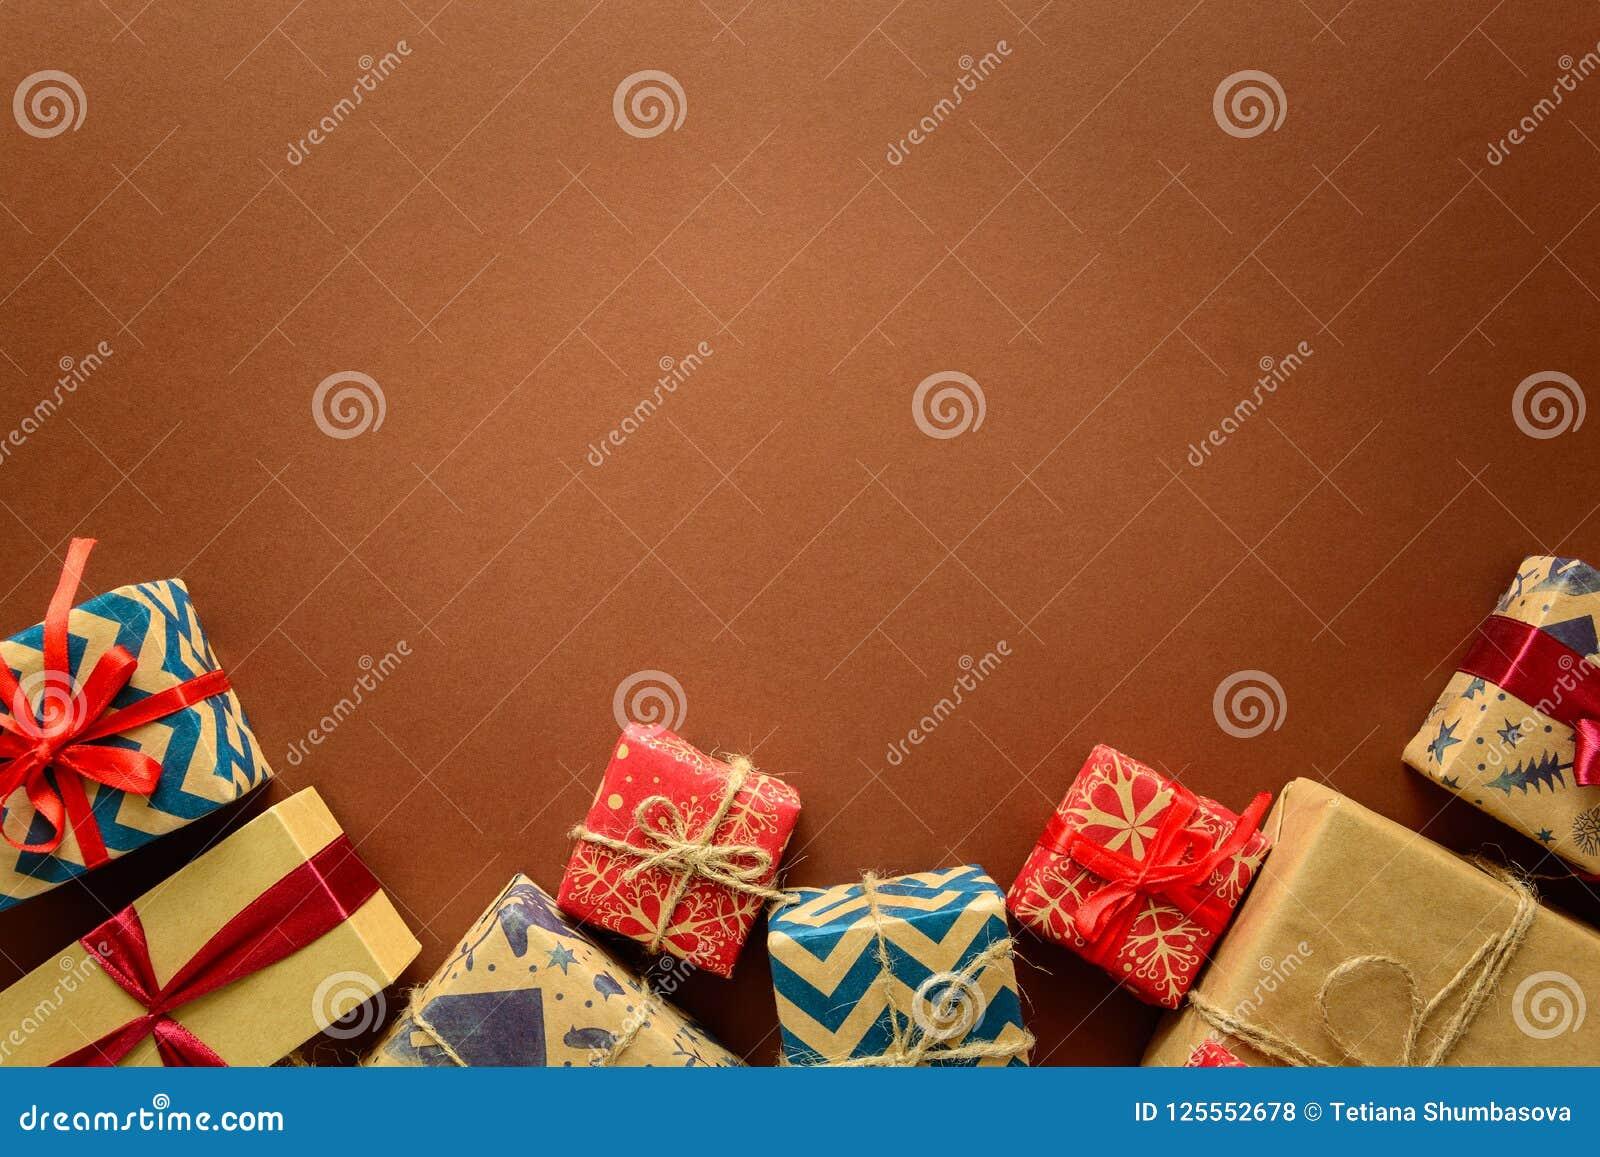 Den bästa sikten på julgåvor som sloggs in i gåvapapper, dekorerade med bandet på bakgrund för brunt papper